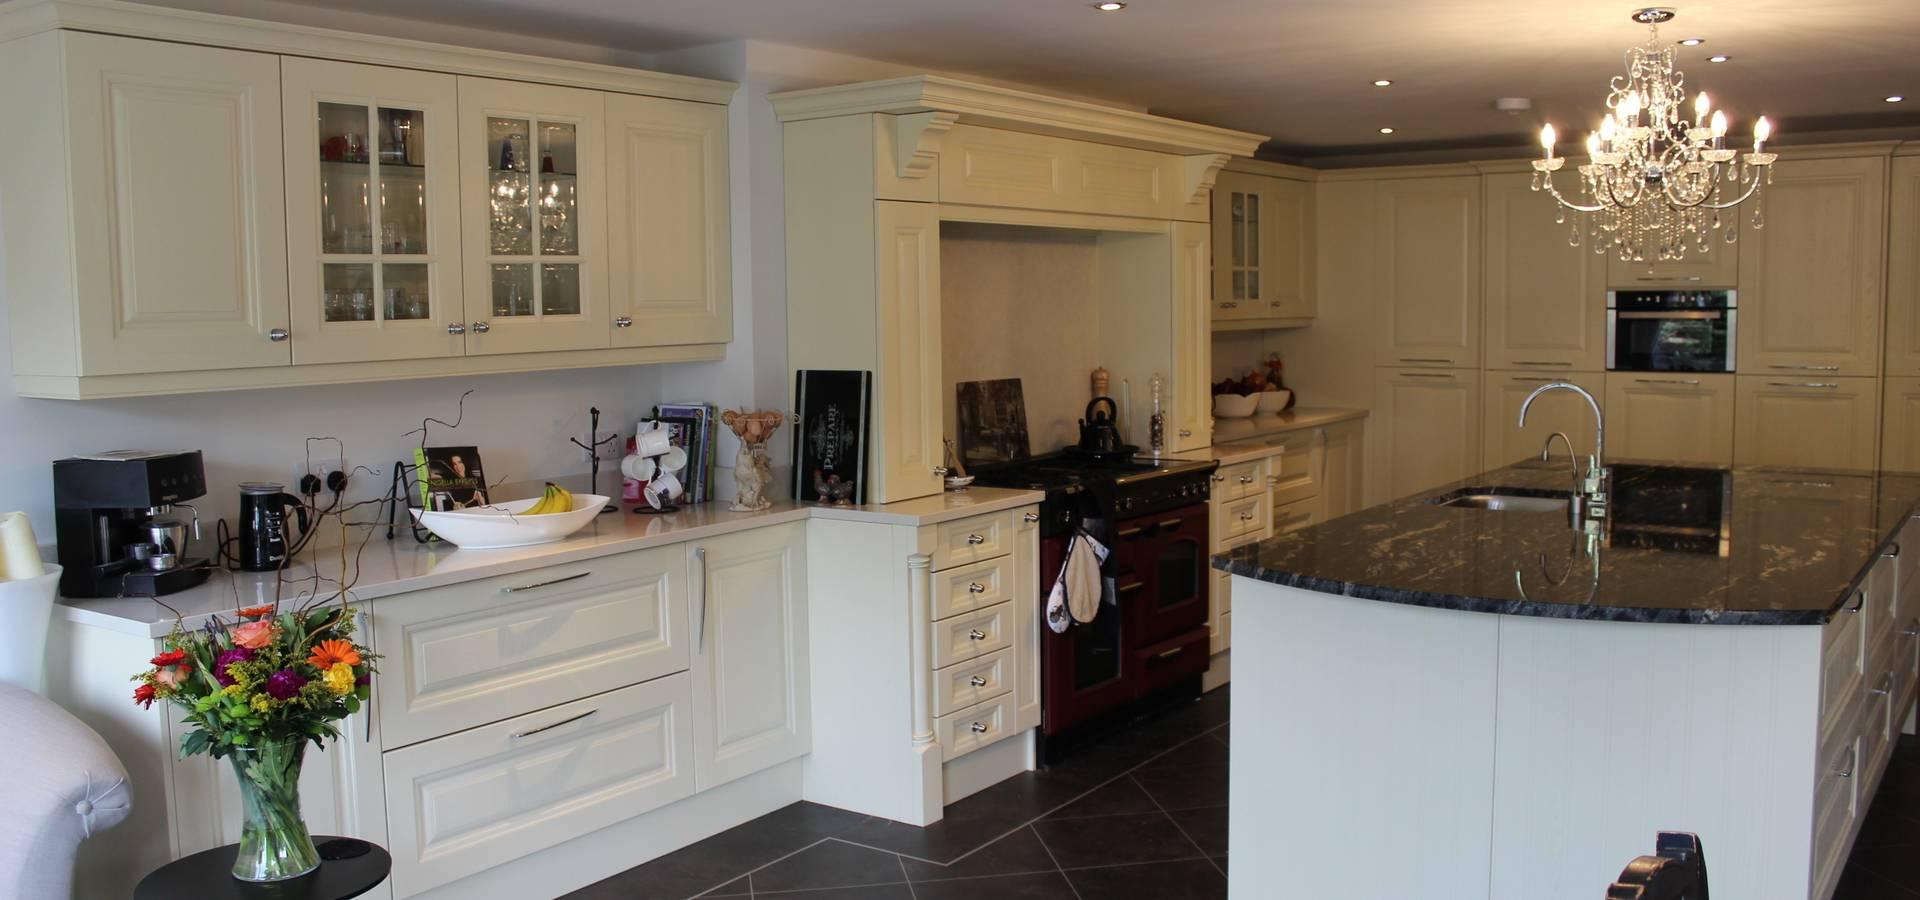 Dm design dise adores de cocinas en glasgow homify - Disenadores de cocinas ...